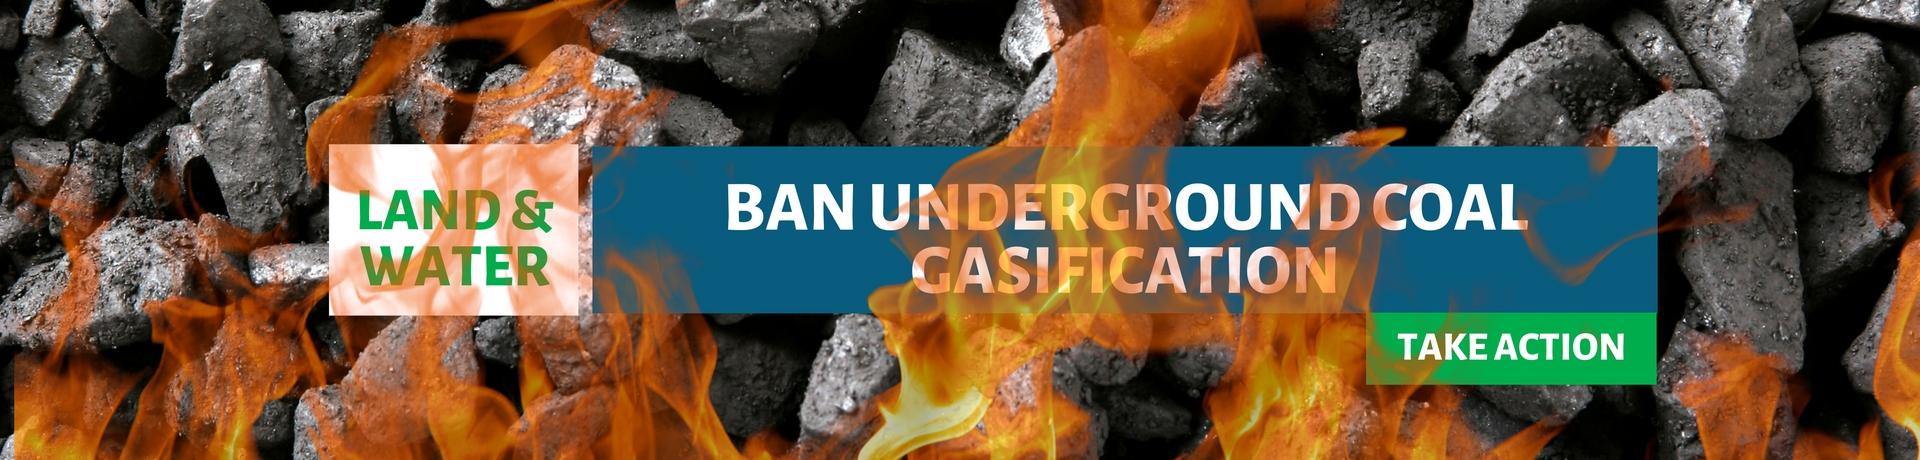 Ban_Underground_Coal_Gasification_-_Slider.jpg